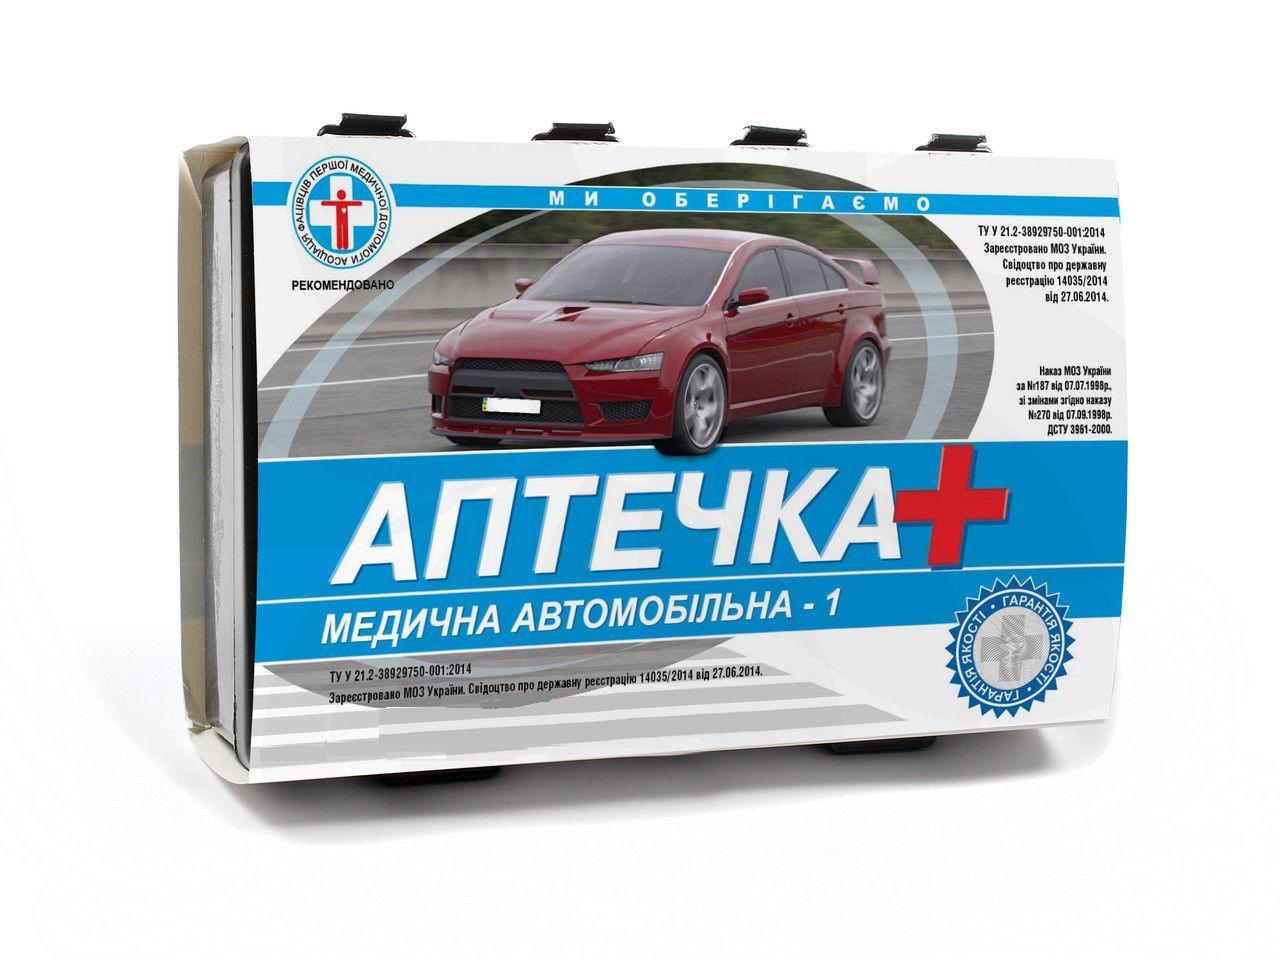 Аптечка медицинская автомобильная ТУ